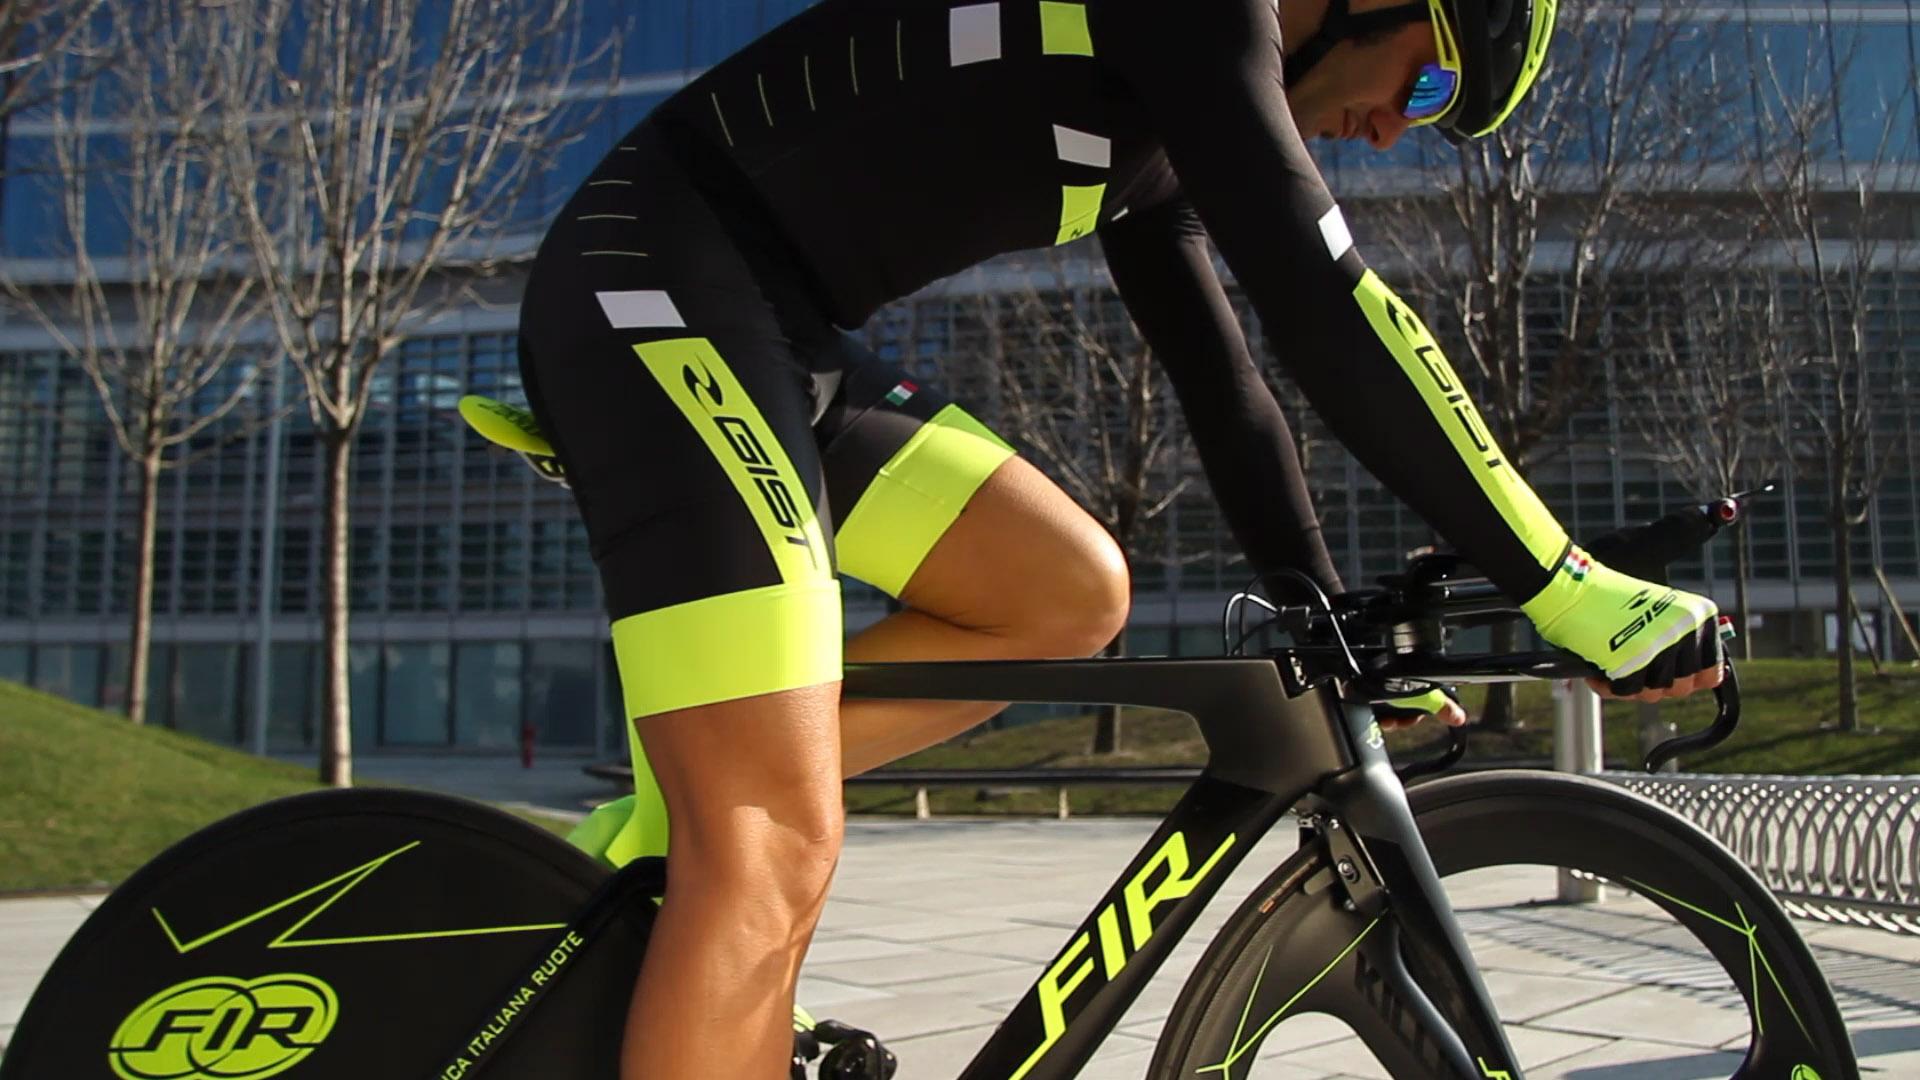 Eventi ciclismo: resoconto della Soave Bike